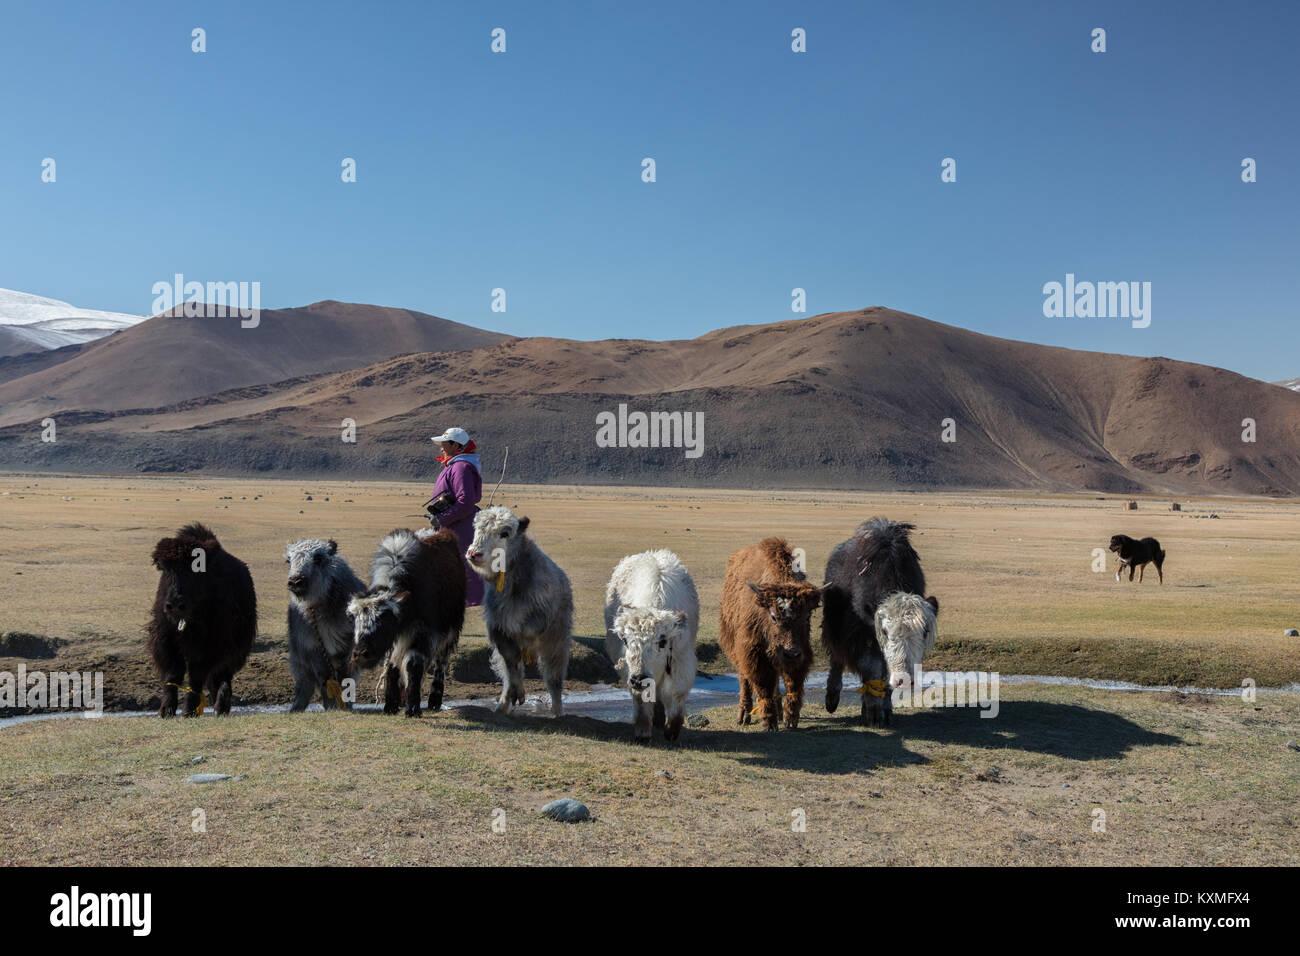 Noir et blanc de Mongolie yaks chien berger femme herder Mongolie steppes d'hiver des plaines des Prairies Photo Stock